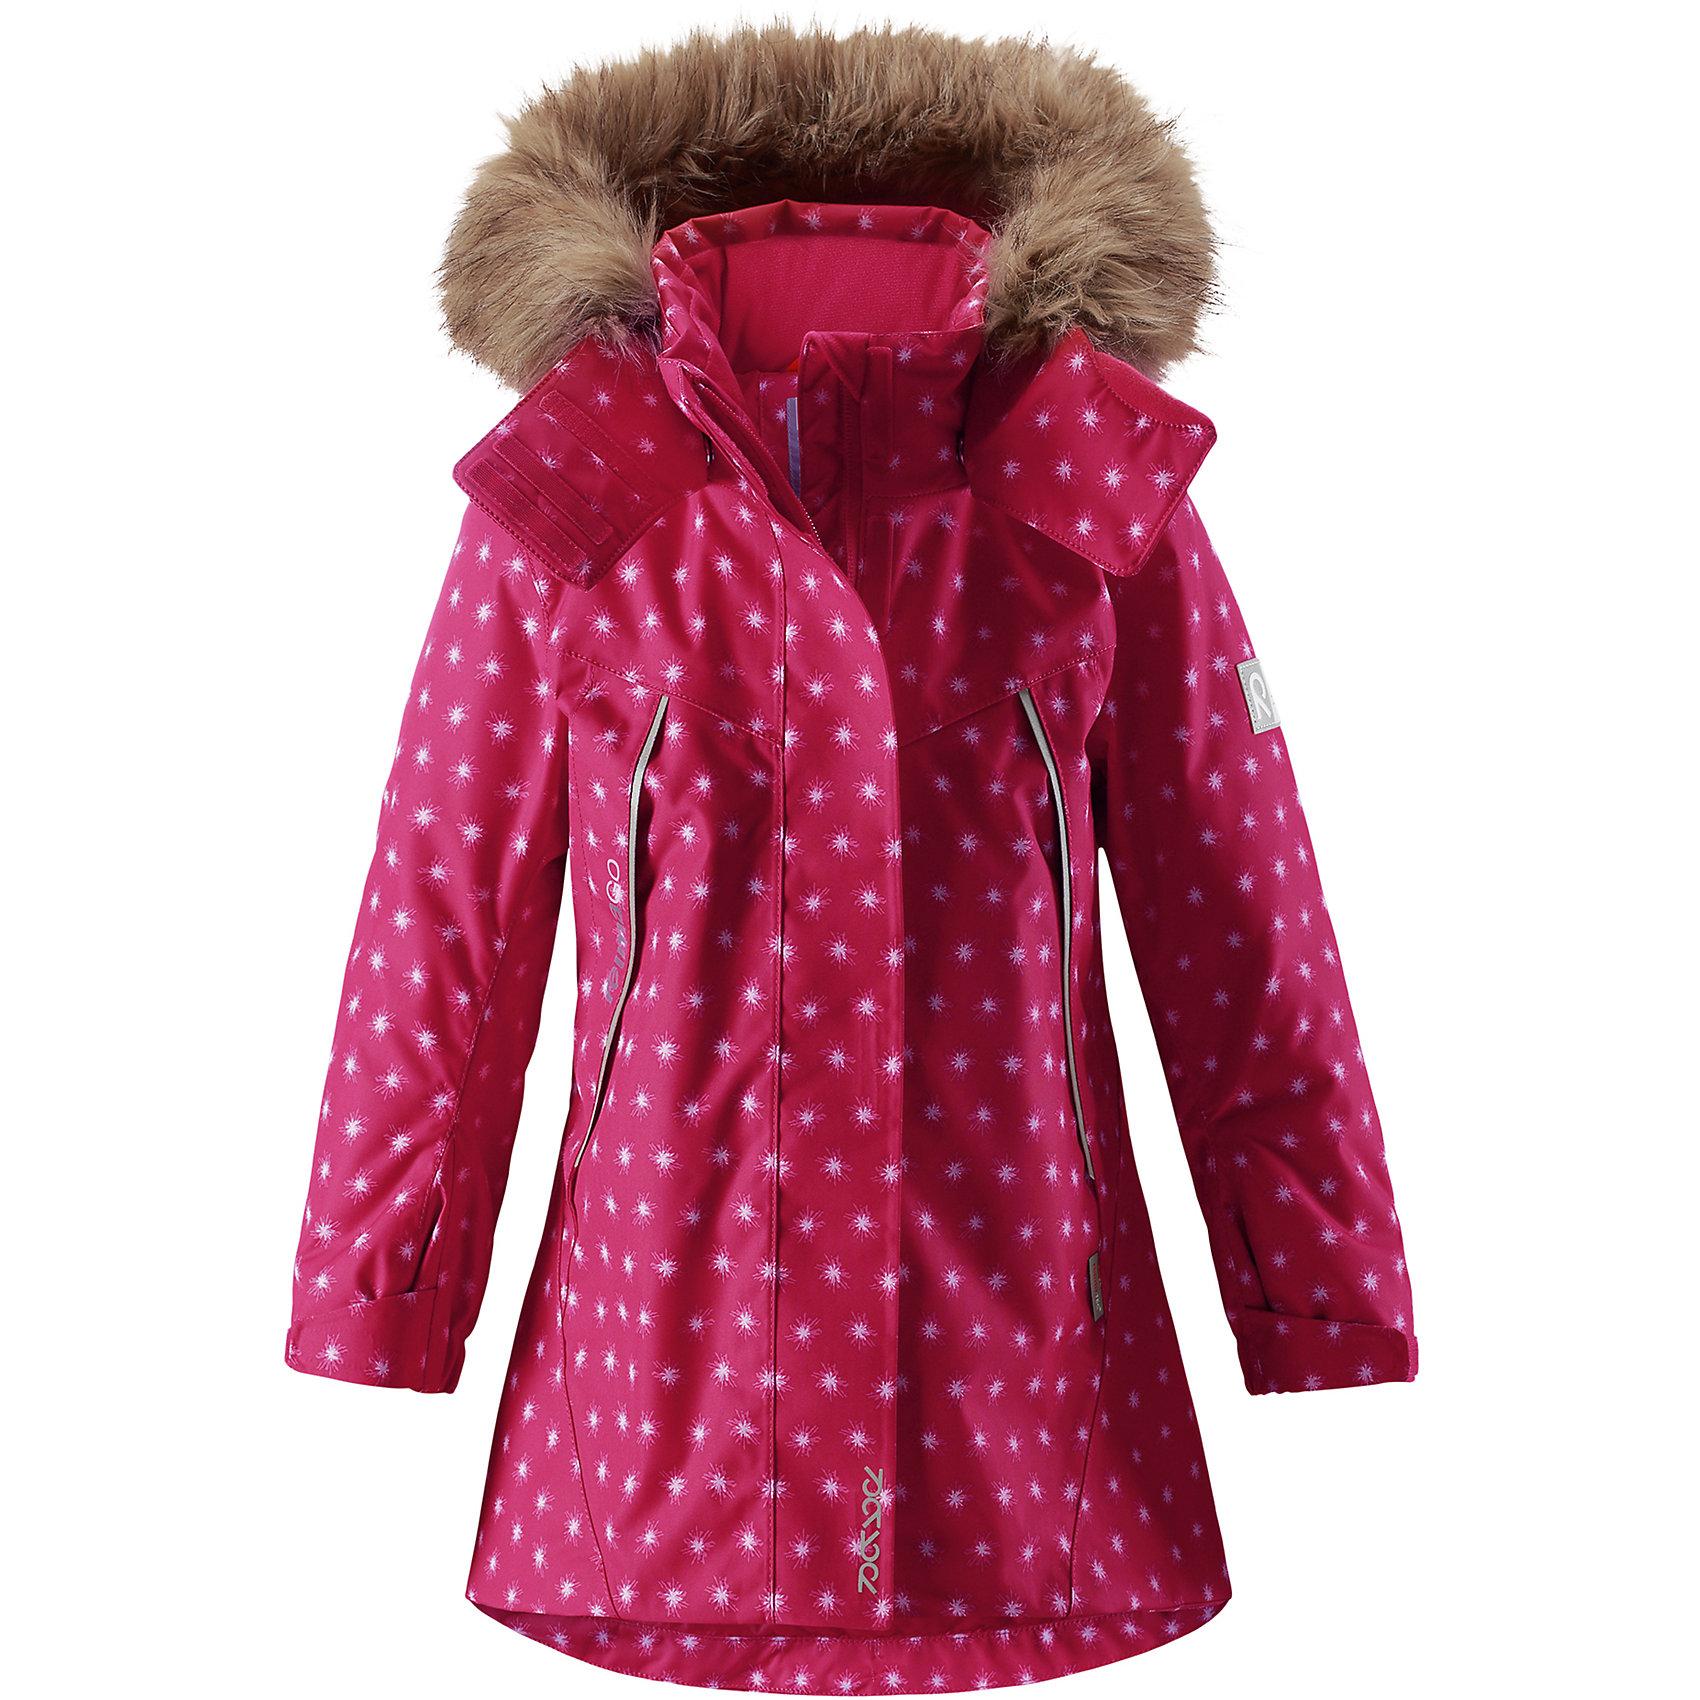 Куртка Reimatec® Reima Muhvi для девочкиВерхняя одежда<br>Характеристики товара:<br><br>• цвет: розовый;<br>• состав: 100% полиэстер;<br>• подкладка: 100% полиэстер;<br>• утеплитель: 160 г/м2<br>• температурный режим: от 0 до -20С;<br>• сезон: зима; <br>• водонепроницаемость: 15000 мм;<br>• воздухопроницаемость: 7000 мм;<br>• износостойкость: 30000 циклов (тест Мартиндейла);<br>• водо- и ветронепроницаемый, дышащий и грязеотталкивающий материал;<br>• все швы проклеены и водонепроницаемы;<br>• гладкая подкладка из полиэстера;<br>• эластичные манжеты;<br>• застежка: молния с защитой подбородка;<br>• безопасный съемный и регулируемый капюшон на кнопках;<br>• съемный искусственный мех на капюшоне;<br>• регулируемые манжеты и подол;<br>• два кармана на кнопках;<br>• внутренний нагрудный карман;<br>• карман с креплением для сенсора ReimaGO®;<br>• светоотражающие детали;<br>• страна бренда: Финляндия;<br>• страна изготовитель: Китай.<br><br>Теплая, водо и ветронепроницаемая детская зимняя куртка Reimatec®. Материал отталкивает грязь и хорошо дышит, так что ваш ребенок не вспотеет. Все швы проклеены, водонепроницаемы. Эта объемная модель отлично сидит благодаря сборке сзади на талии, а также регулируемым манжетам и подолу. Эта куртка с подкладкой из гладкого полиэстера легко надевается. С помощью удобной системы кнопок Play Layers® к куртке можно присоединять разнообразную одежду промежуточного слоя Reima®. <br><br>В куртке предусмотрен съемный капюшон, отороченный съемной отделкой из искусственного меха, и множество светоотражающих деталей. В карманах на молнии можно хранить все самое важное, например, смартфон можно положить в нагрудный карман или в два передних кармана на молнии. А для сенсора ReimaGO имеется специальный карман с кнопками. Эта куртка очень проста в уходе, ведь ее можно сушить в стиральной машине.<br><br>Куртку Muhvi для девочки Reimatec® Reima от финского бренда Reima (Рейма) можно купить в нашем интернет-магазине.<br><br>Ширина мм: 356<br>Глубина мм: 10